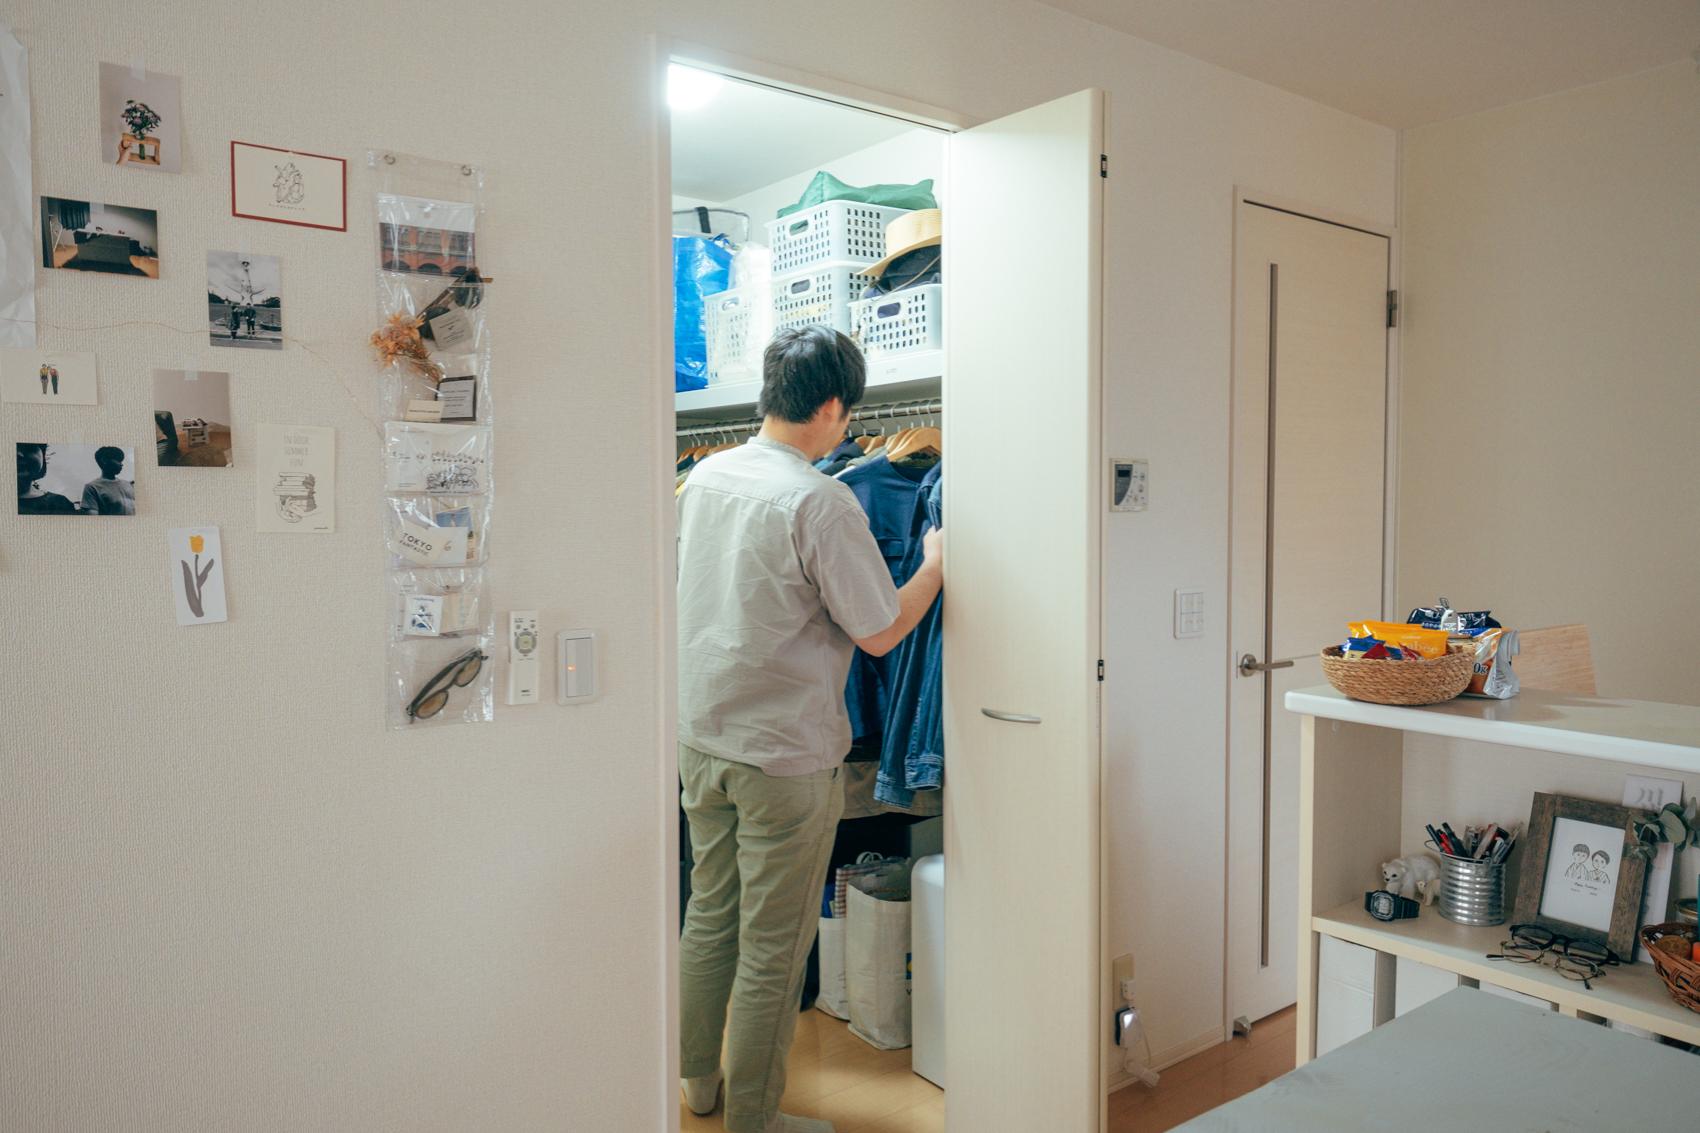 キッチン横の衣装クローゼットには二人の服が収納されています。 「クローゼットに収まる範囲での数しか、衣服は持たないようにしています。入り切らなくなったら持っているものを捨てる。着ることないものがあるからこそ、新しい服が必要になるという考えです。」